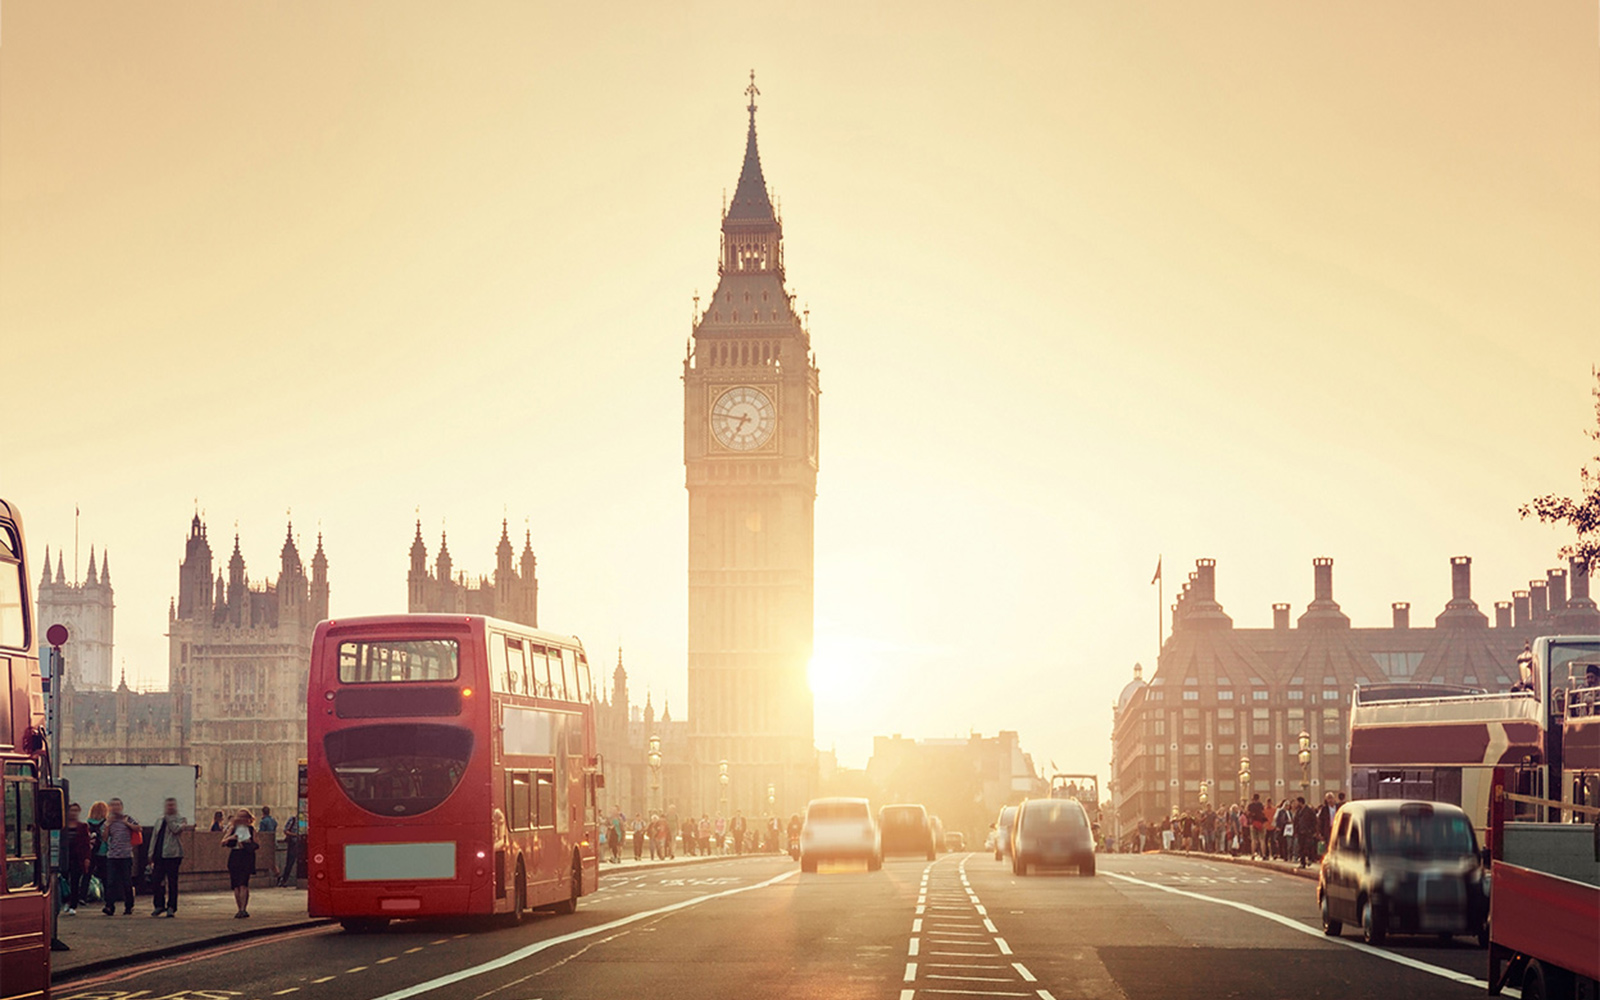 Bedste gratis dating websteder i London